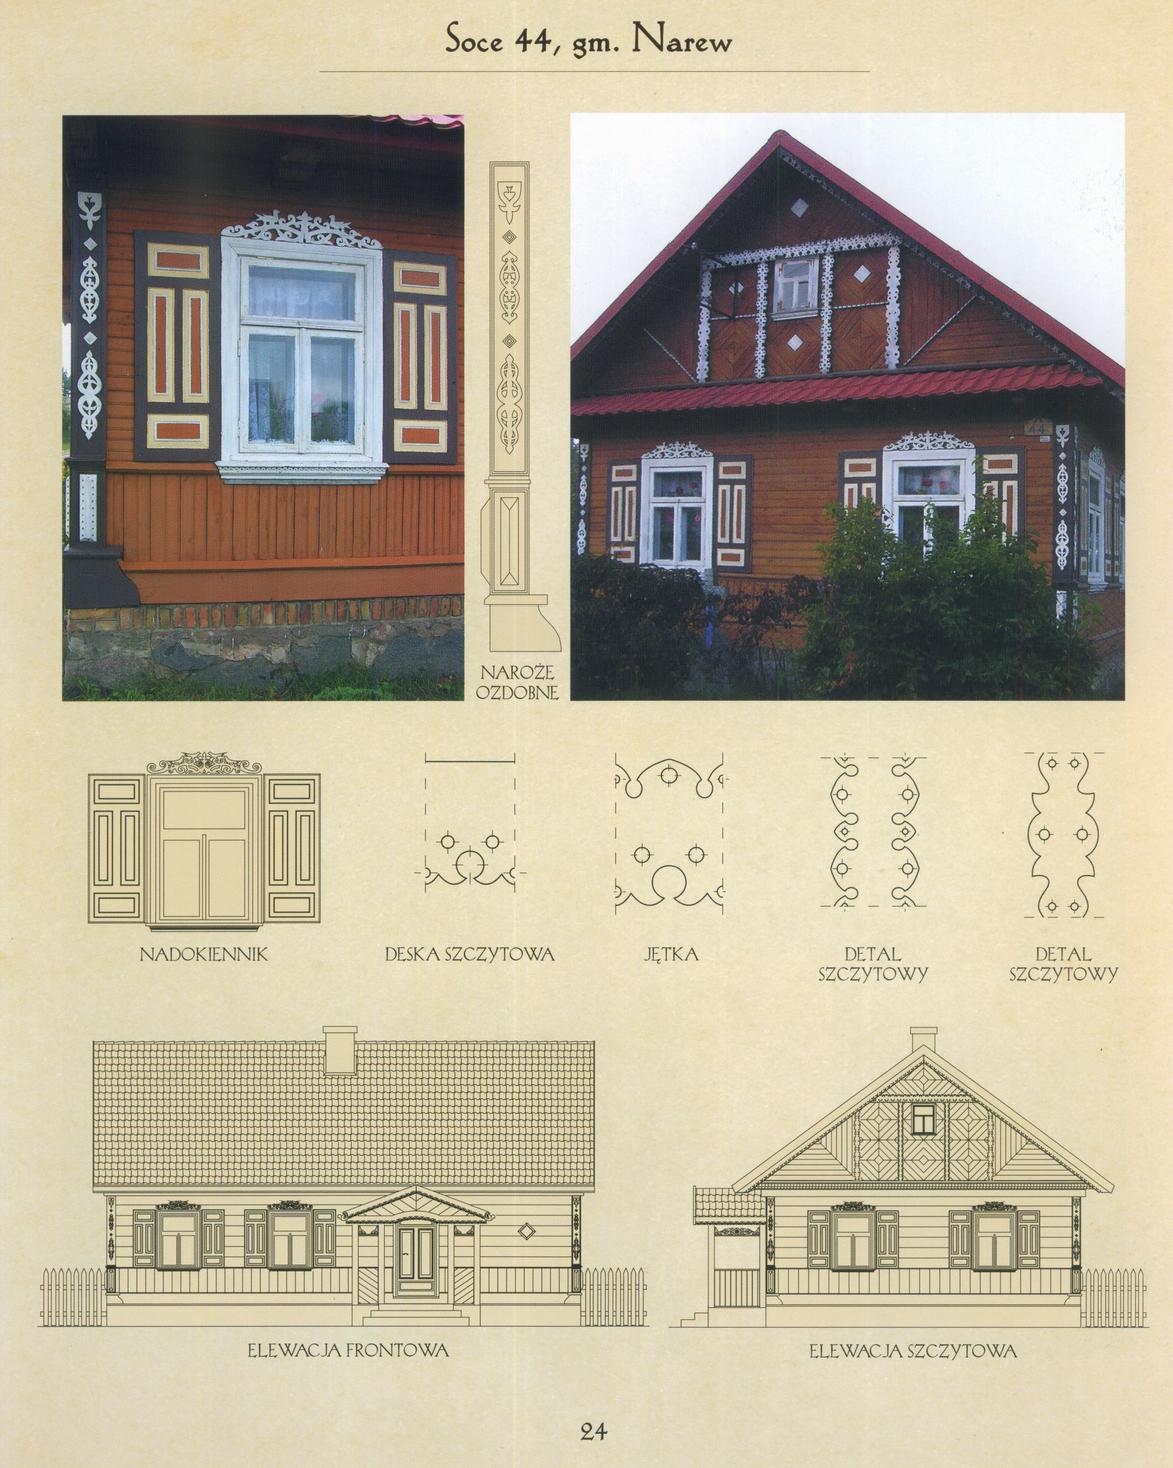 Zdobnictwo drewnianych budynków mieszkalnych